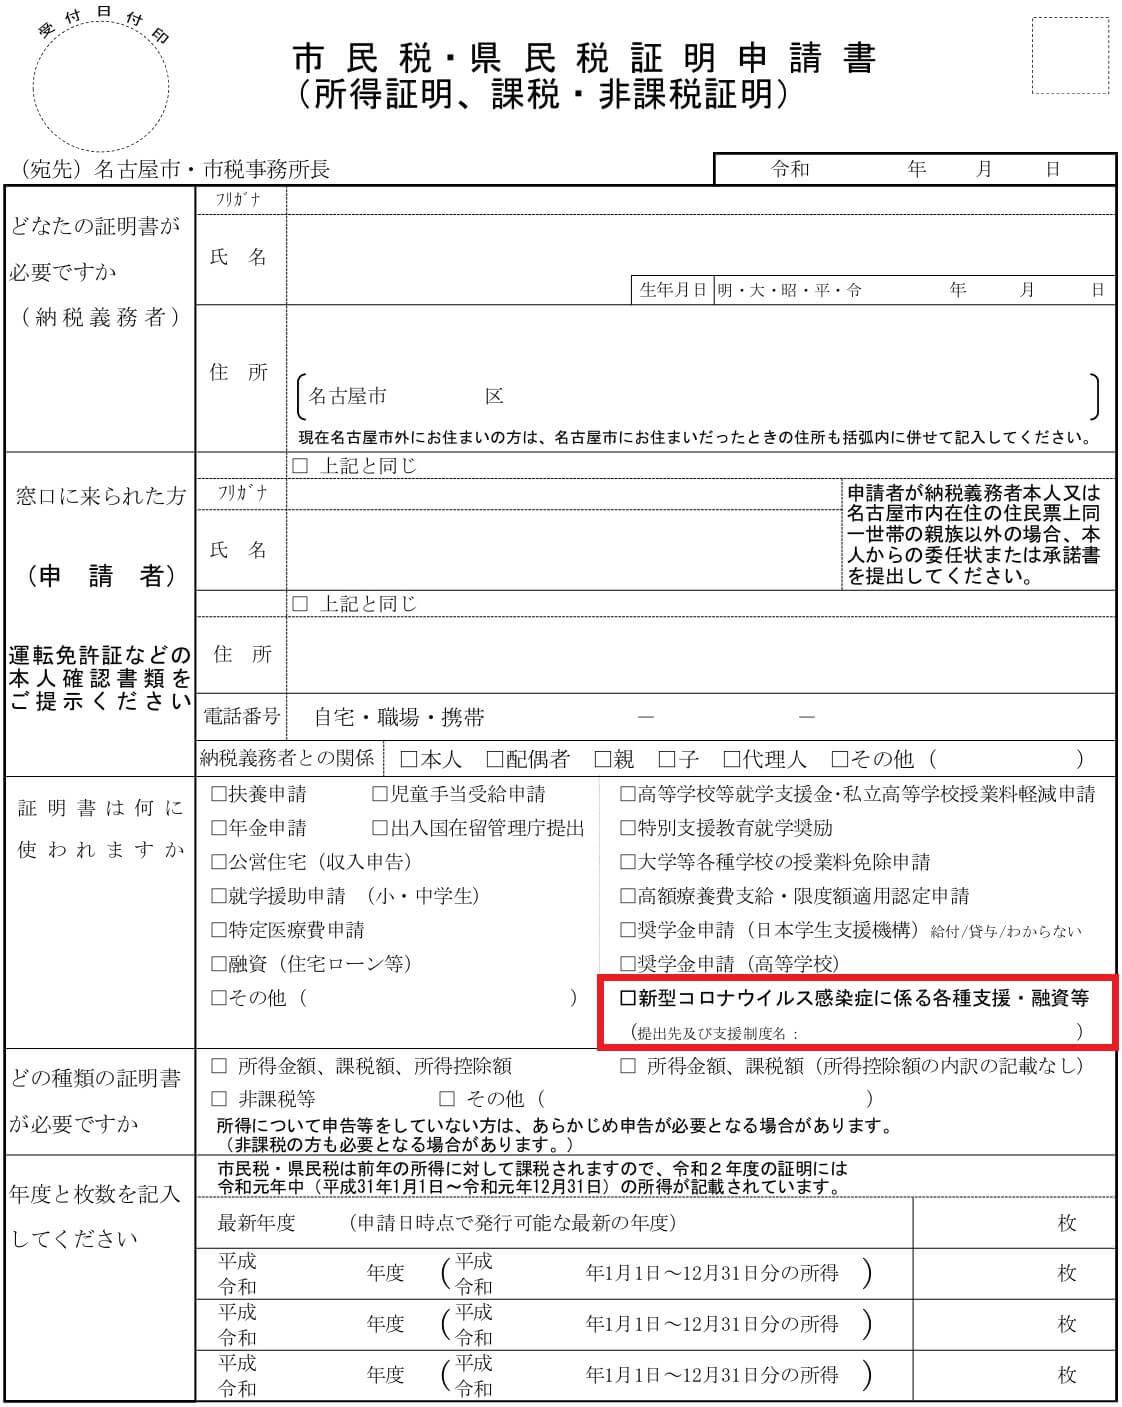 税務証明申請書